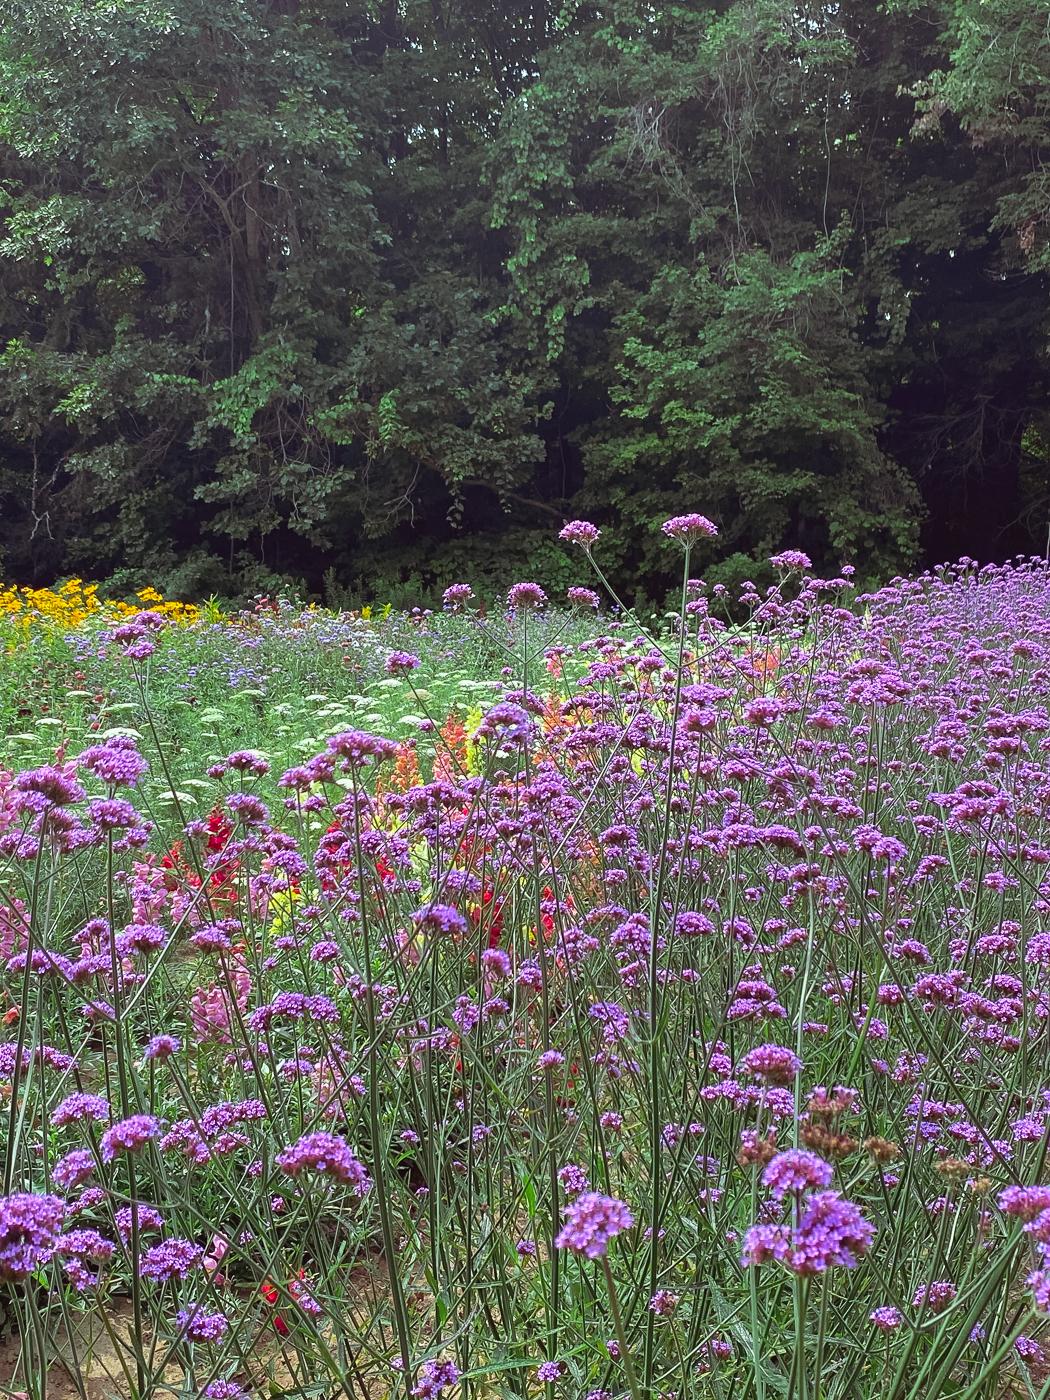 Verbena, purpletop vervain, summer garden flowers, blooming flowers, summer flowers that bloom